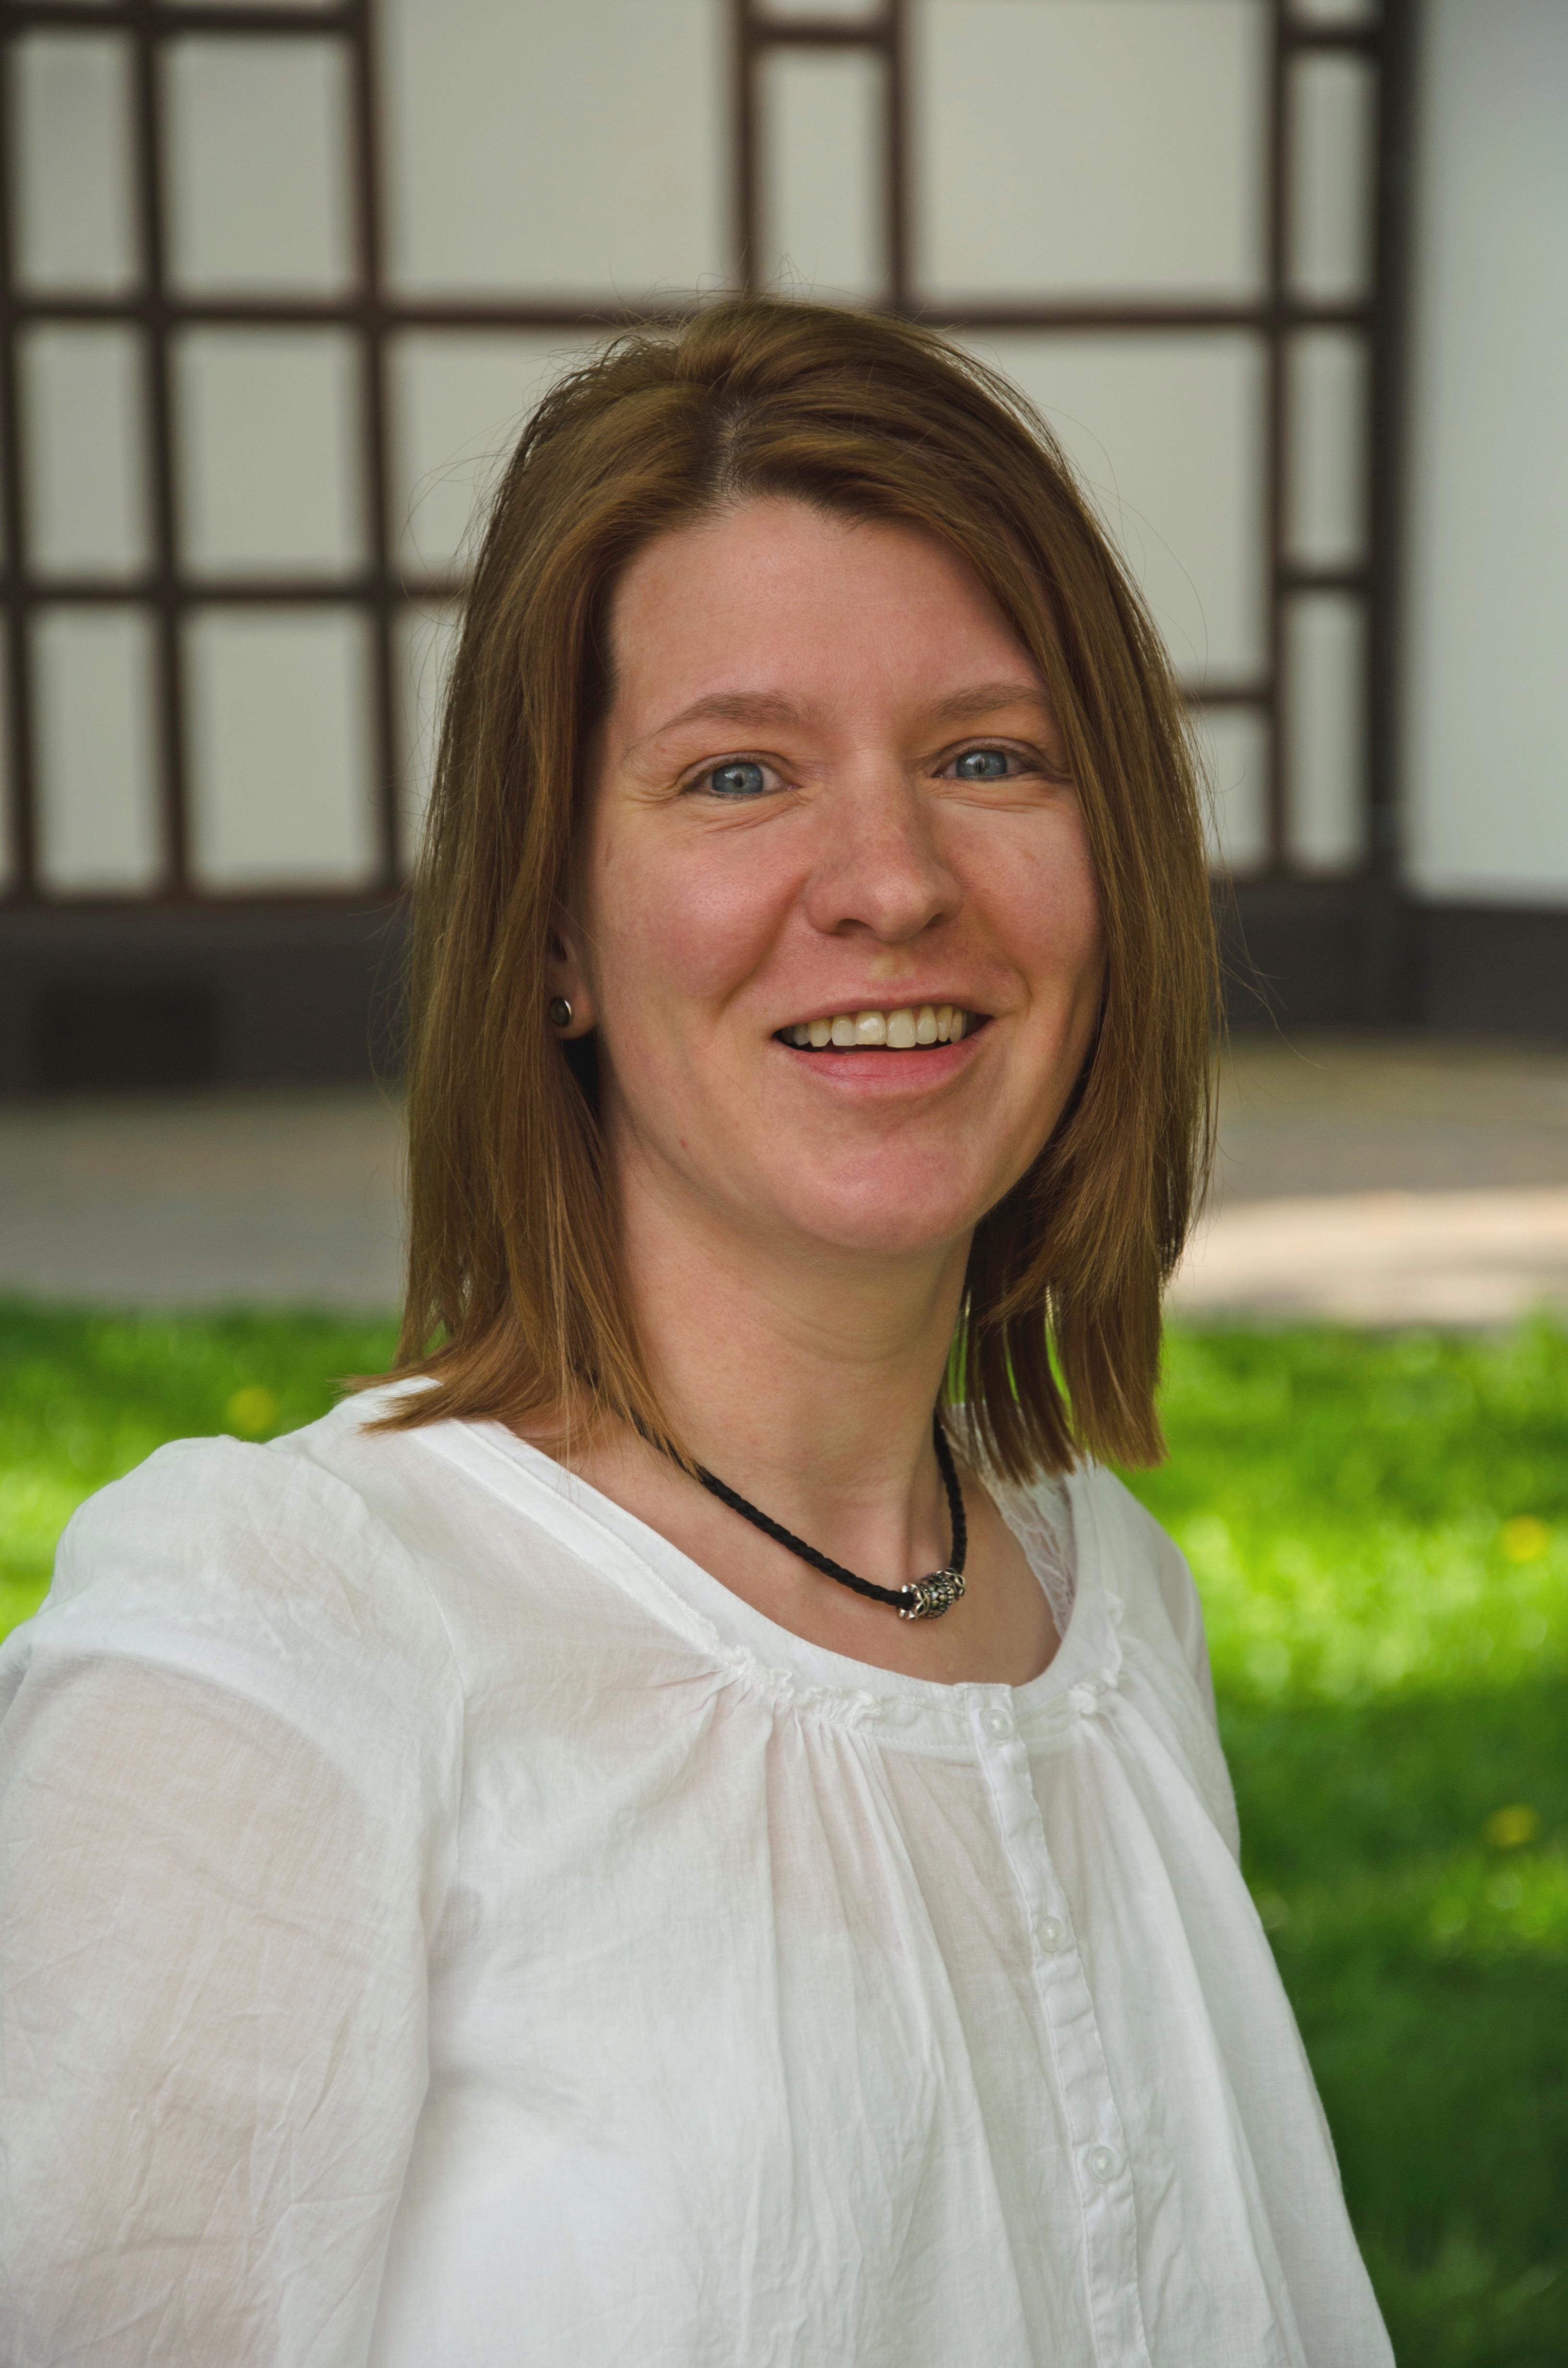 Monika Kersting